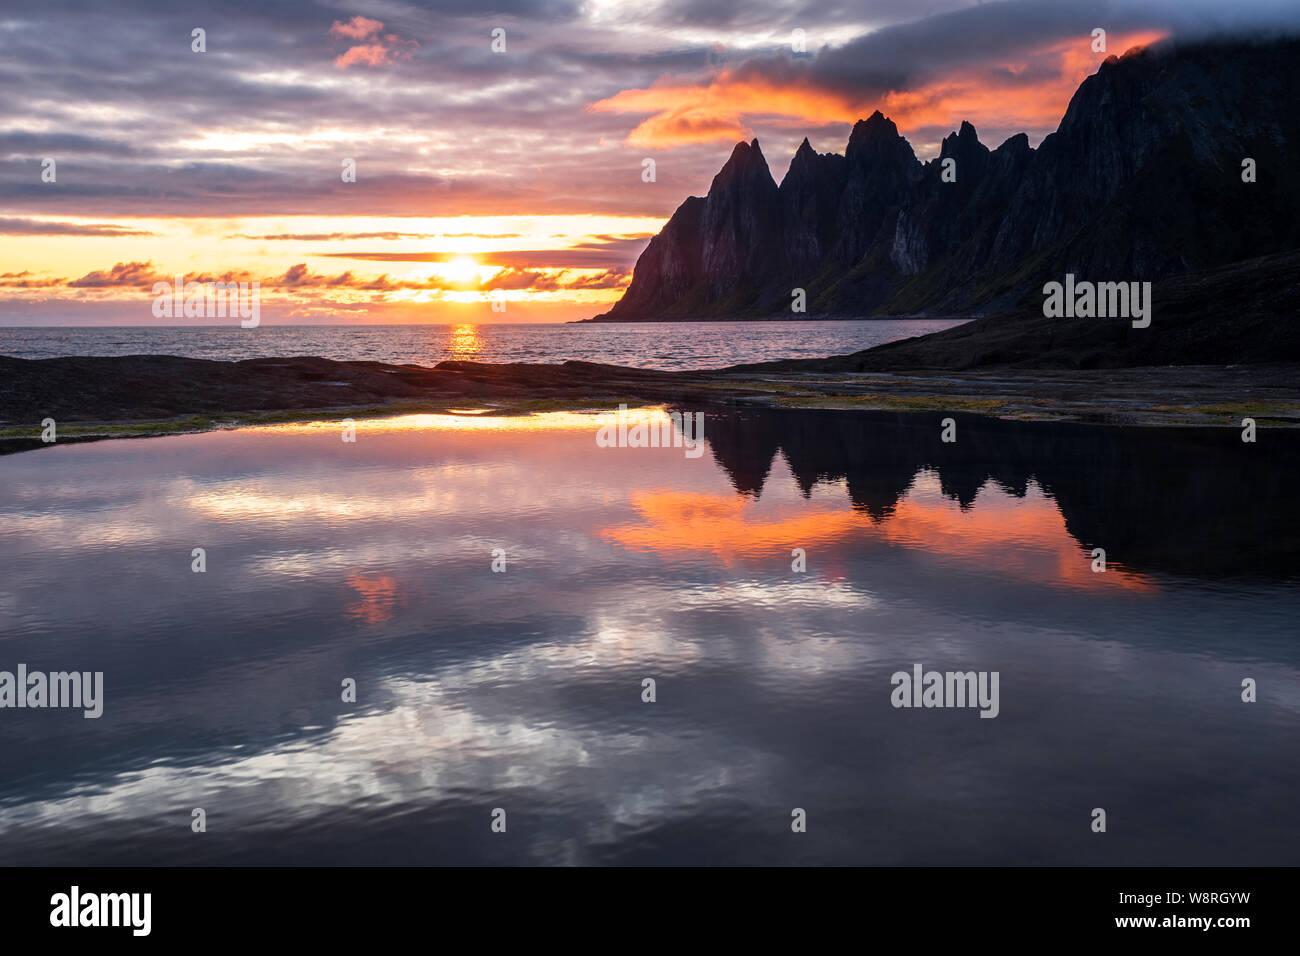 Reflejo en un rockpool de impresionante Cordillera Oksen en muy colorido atardecer, Tungeneset, Senja, Noruega Foto de stock